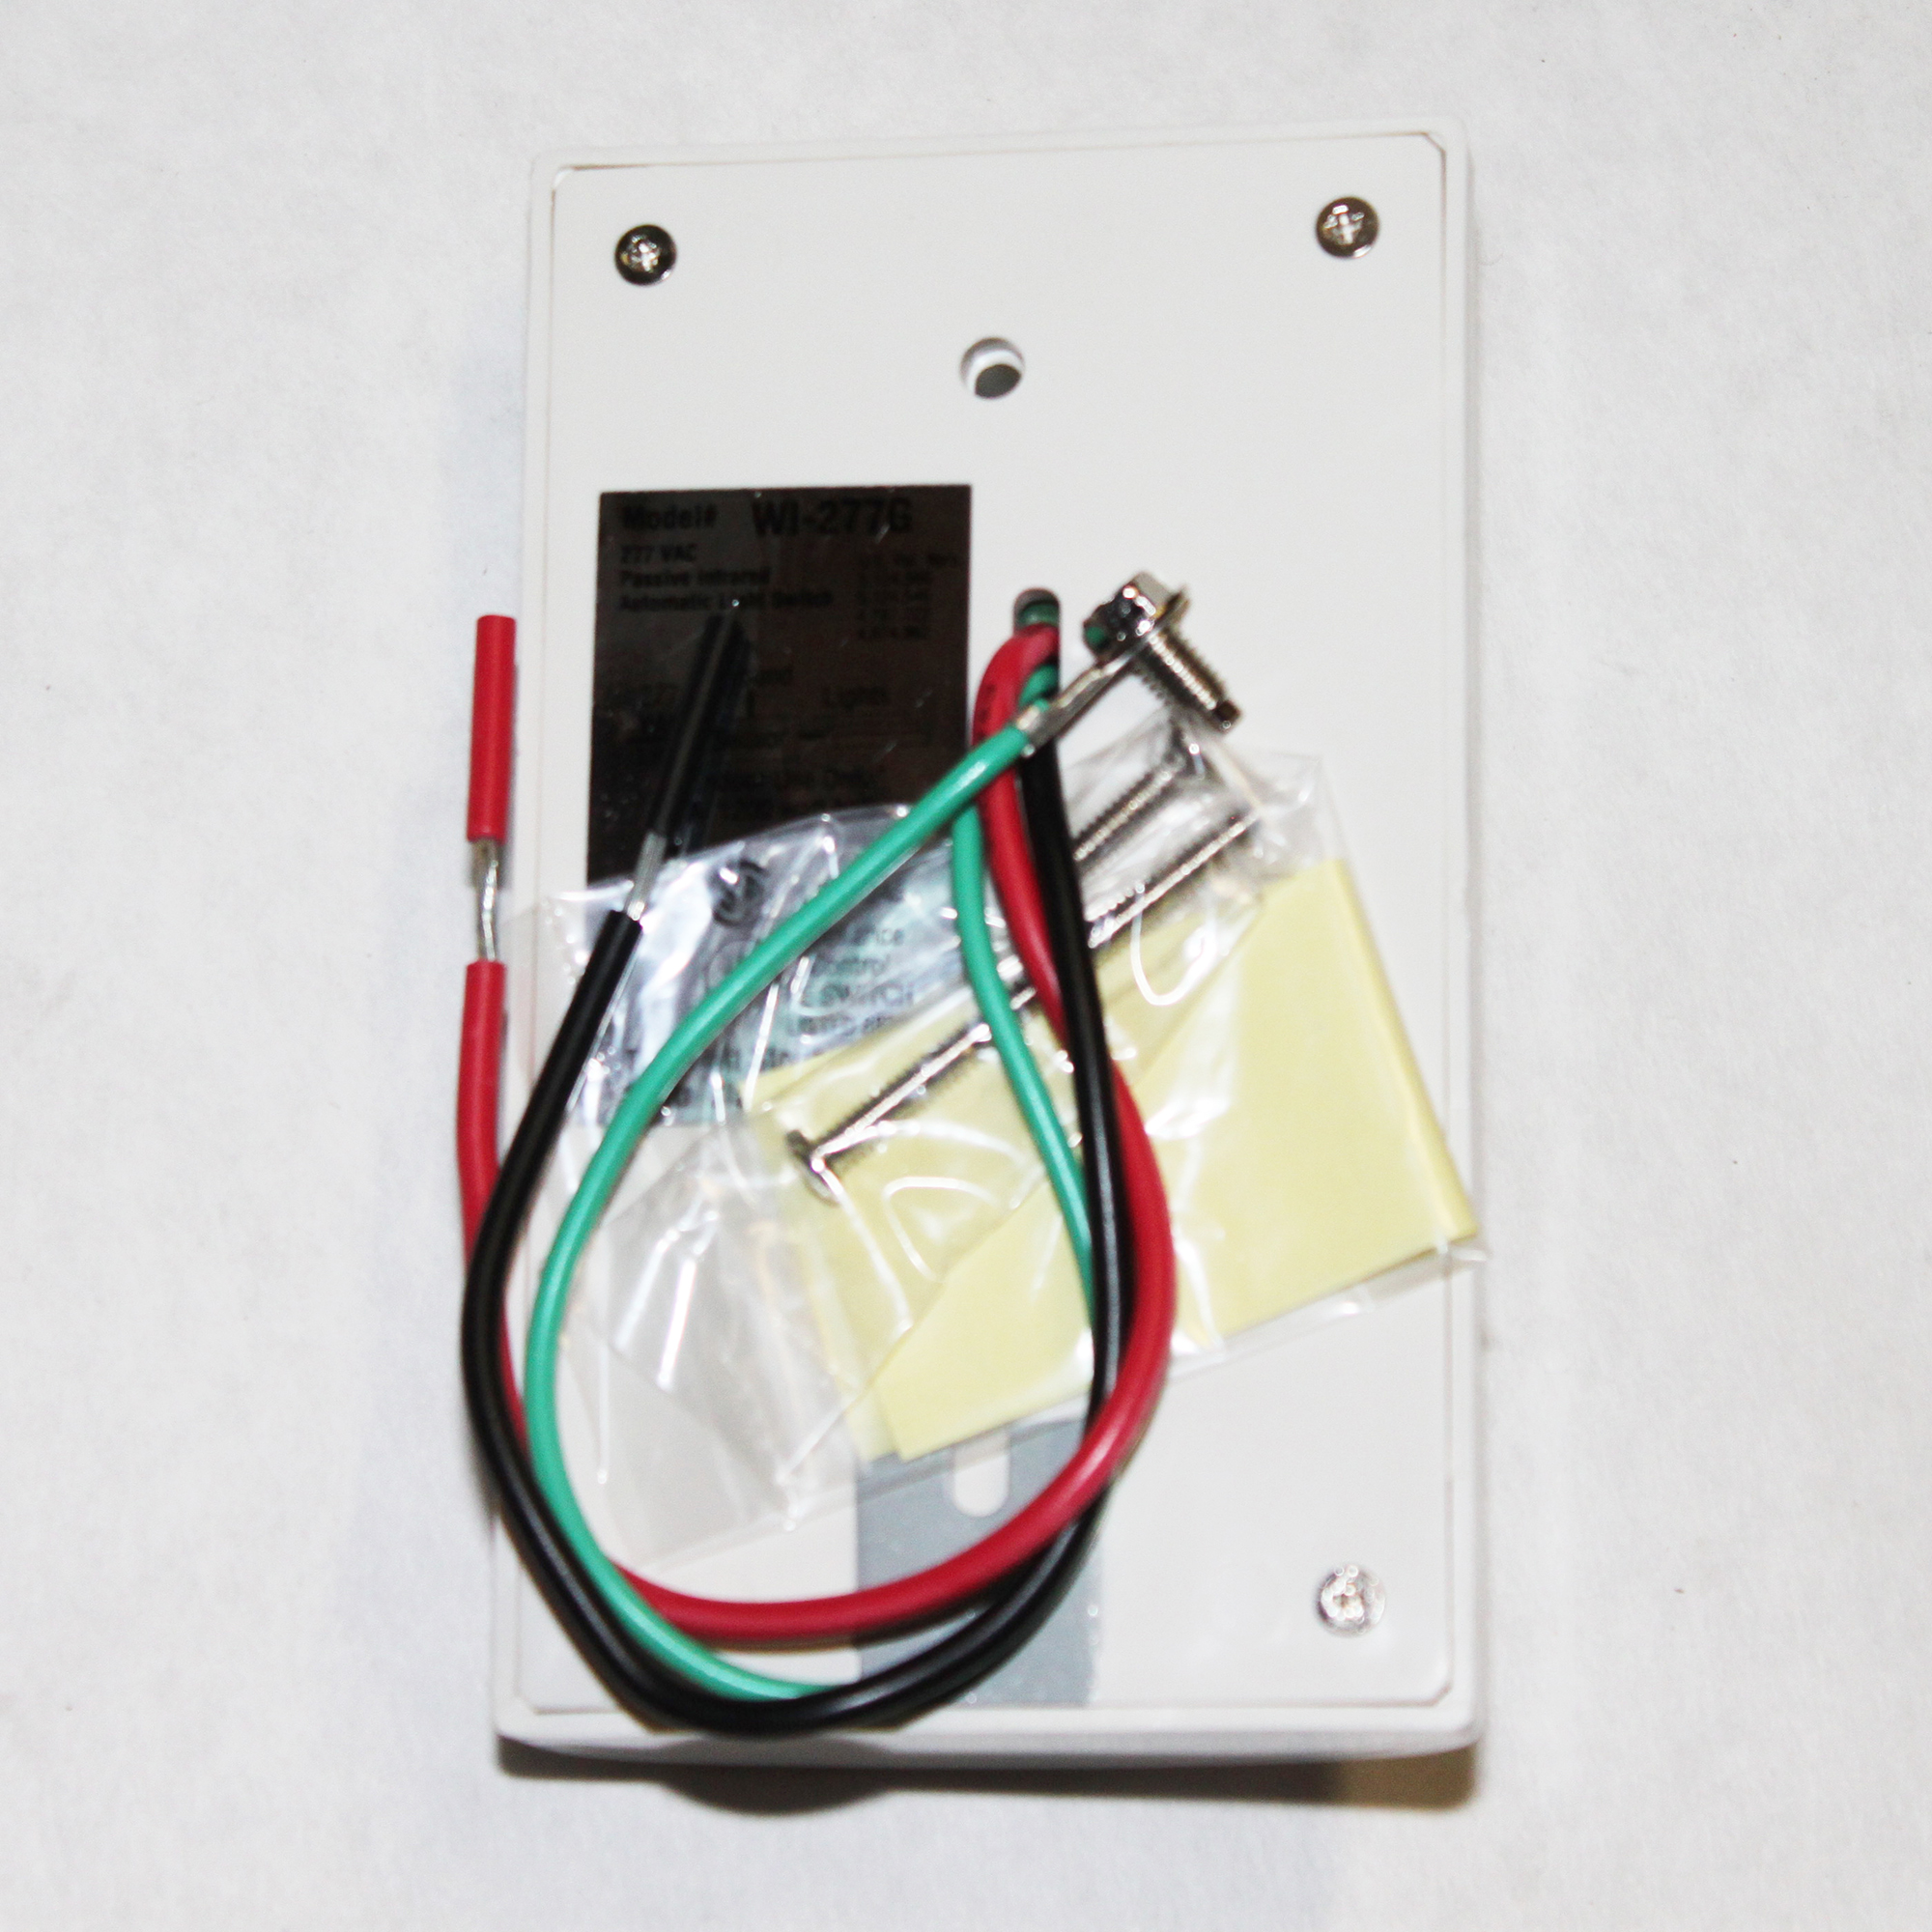 Wattstopper Universal Dimmer: WATT STOPPER WI-277G W PIR AUTOMATIC LIGHT SWITCH